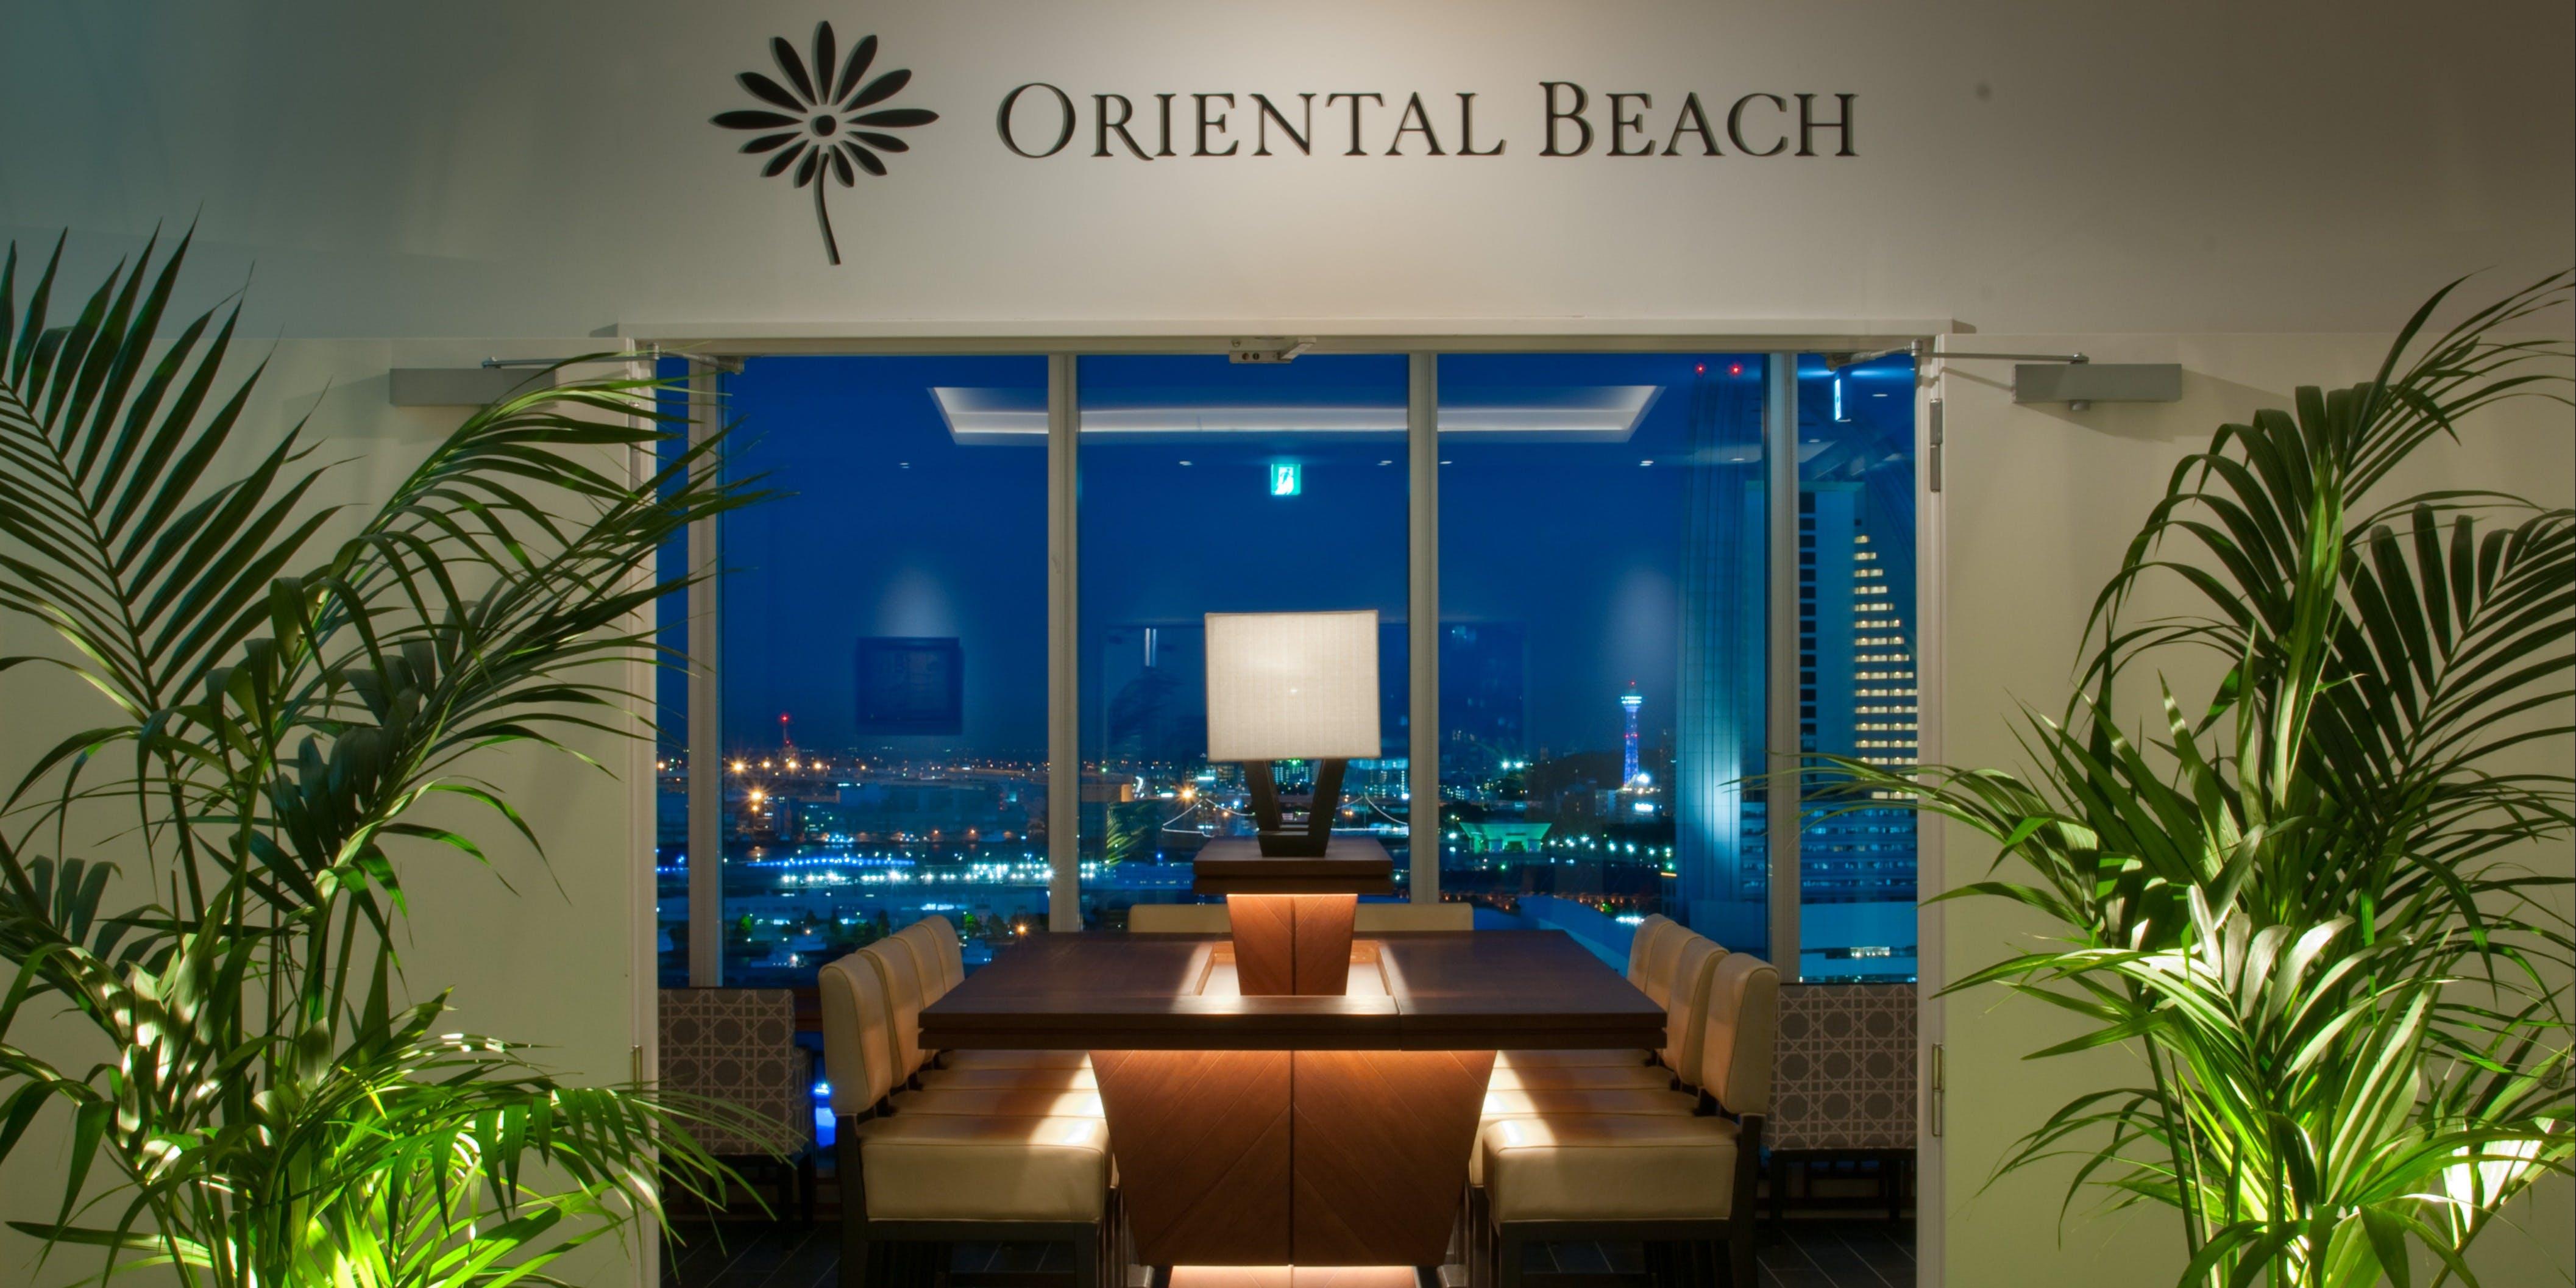 記念日におすすめのレストラン・オリエンタルビーチの写真1